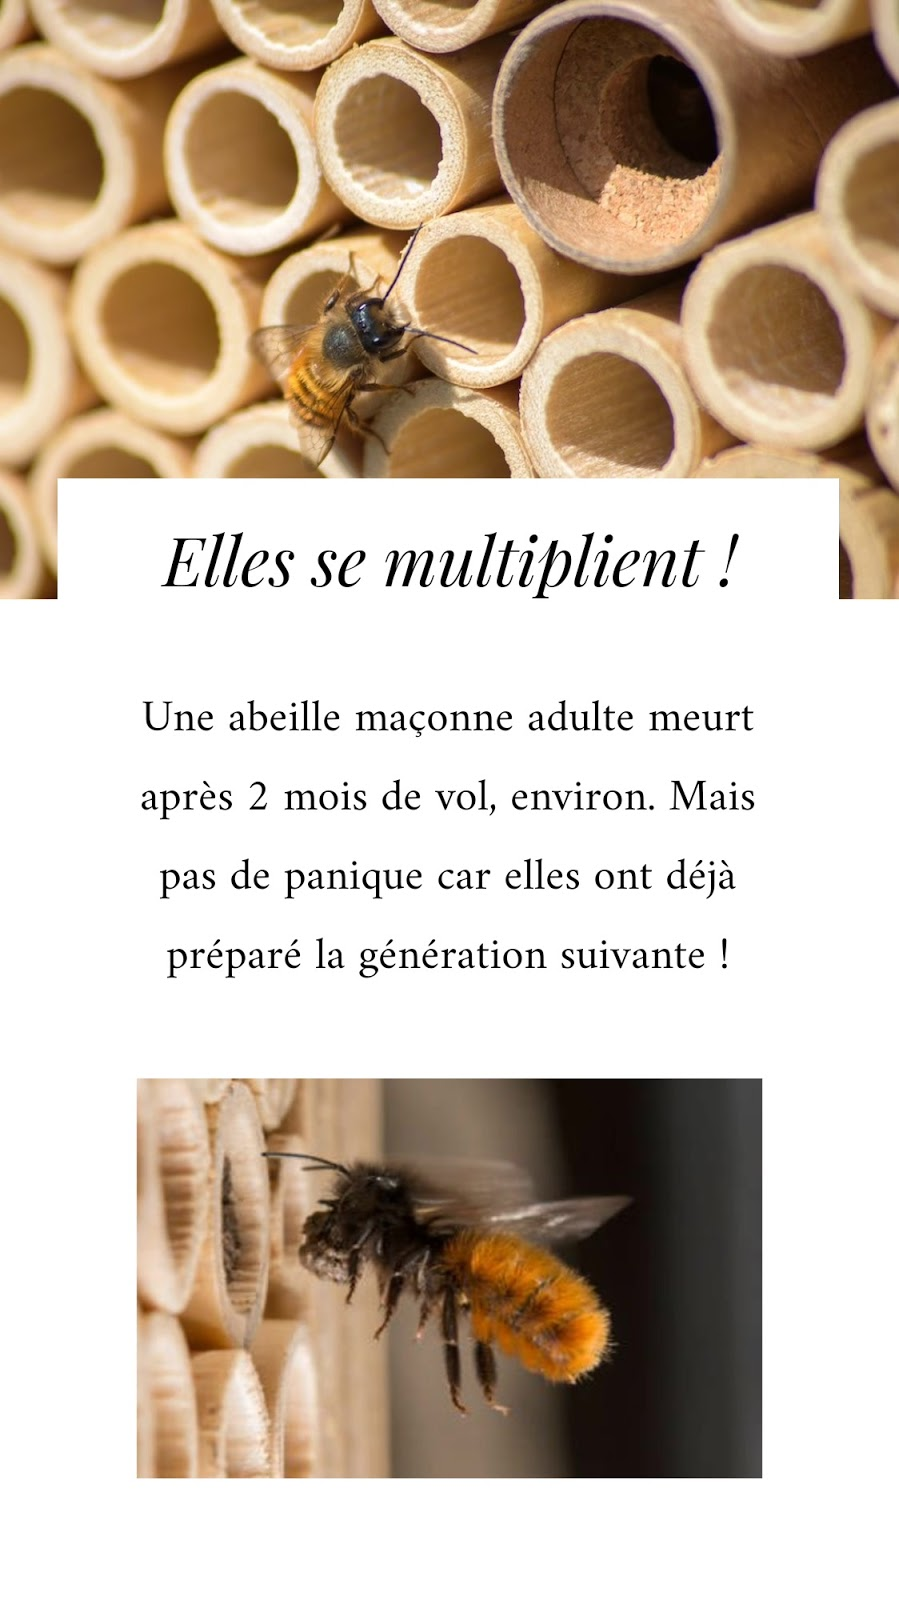 cycle-vie-abeilles-maçonnes